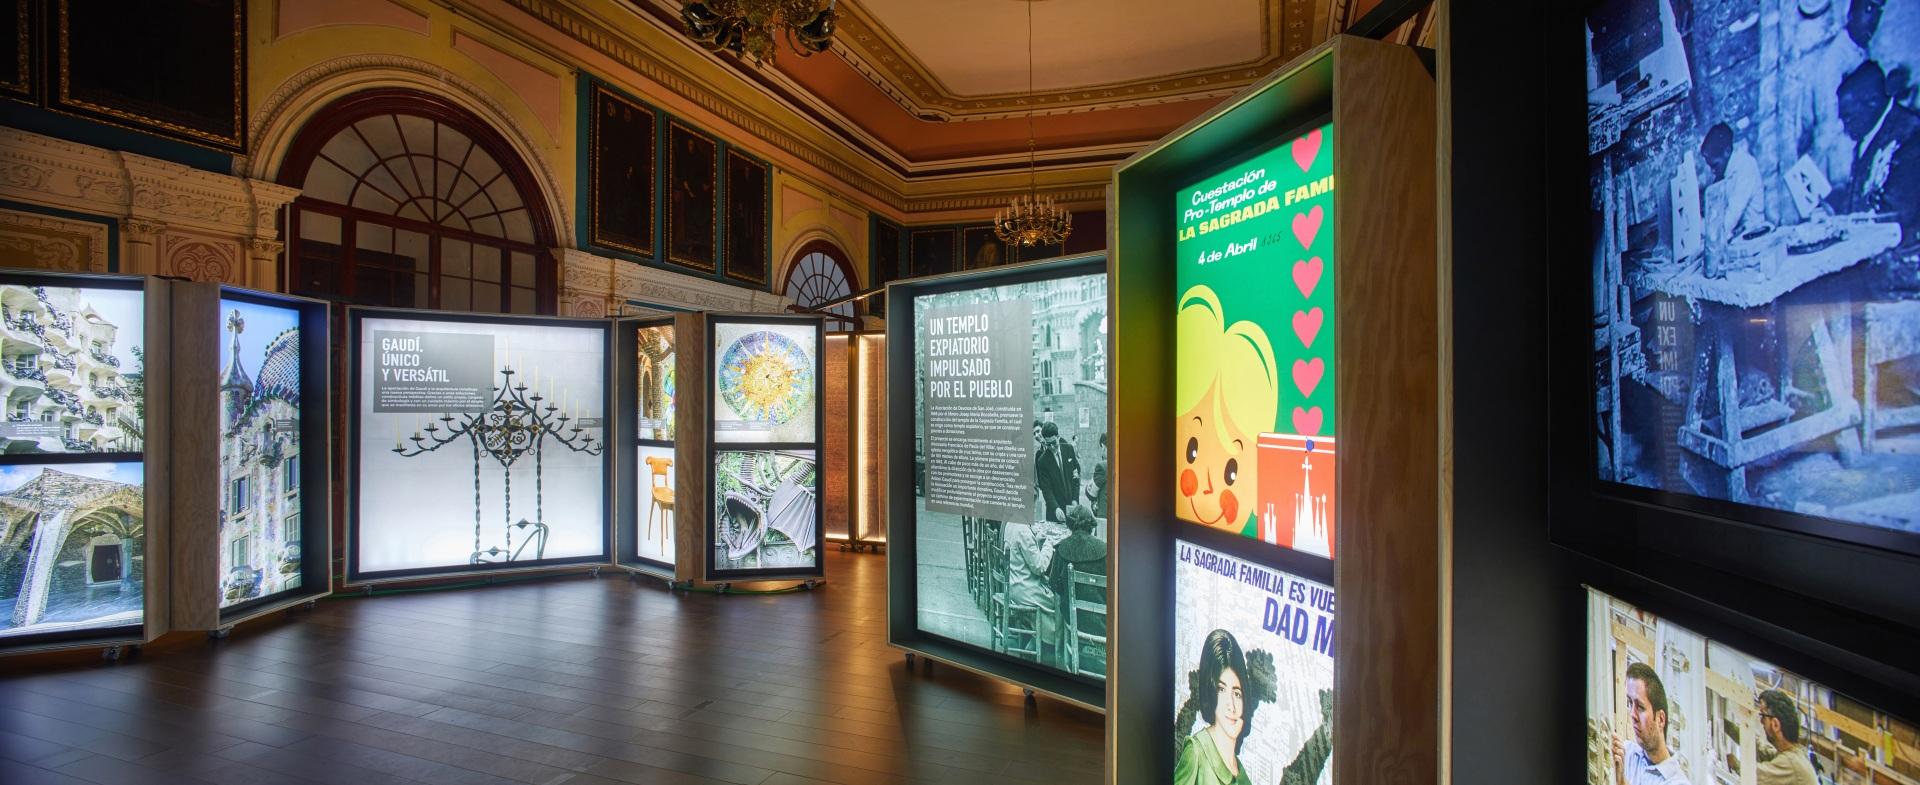 Exposición Gaudí Sagrada Familia. Imágenes de candelabro, edificios y carteles en cajas iluminadas.